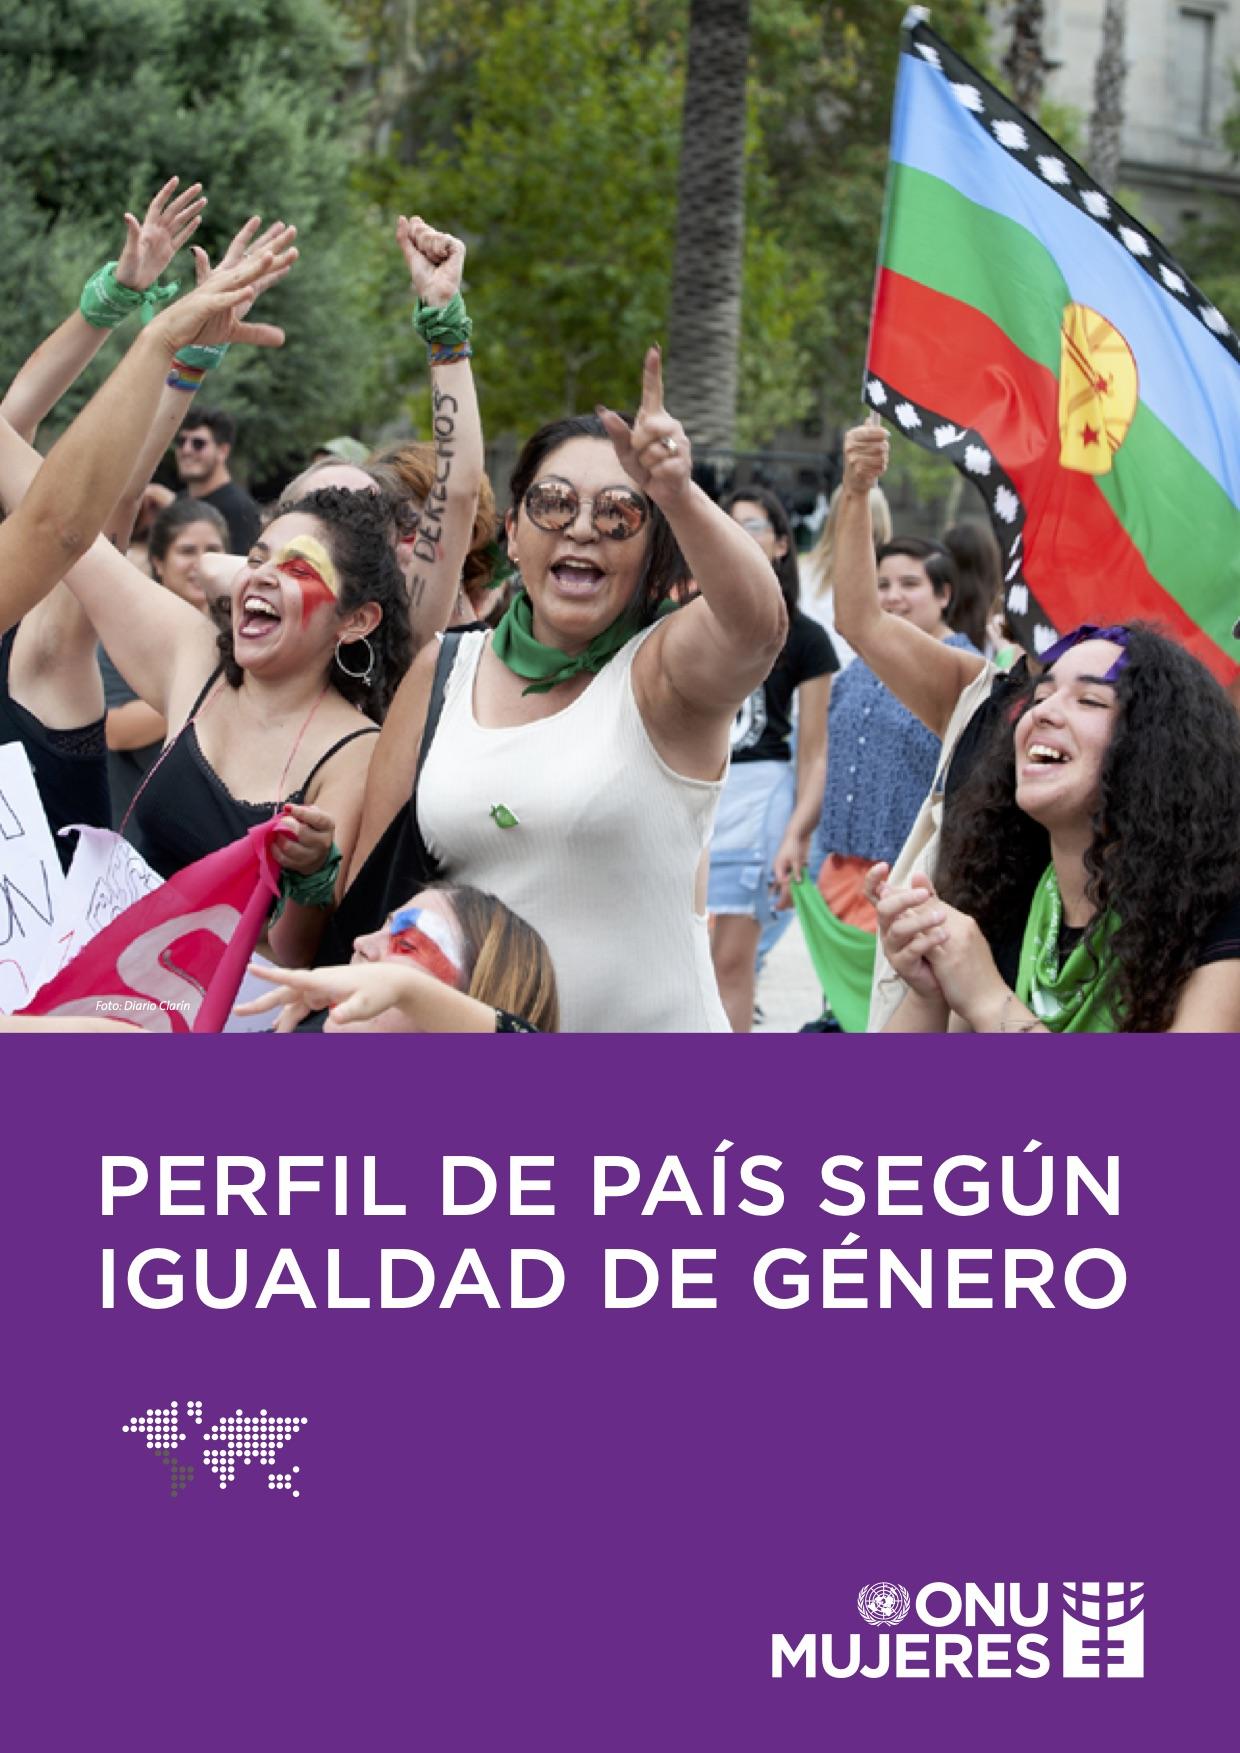 Perfil de País según Igualdad de Género Argentina